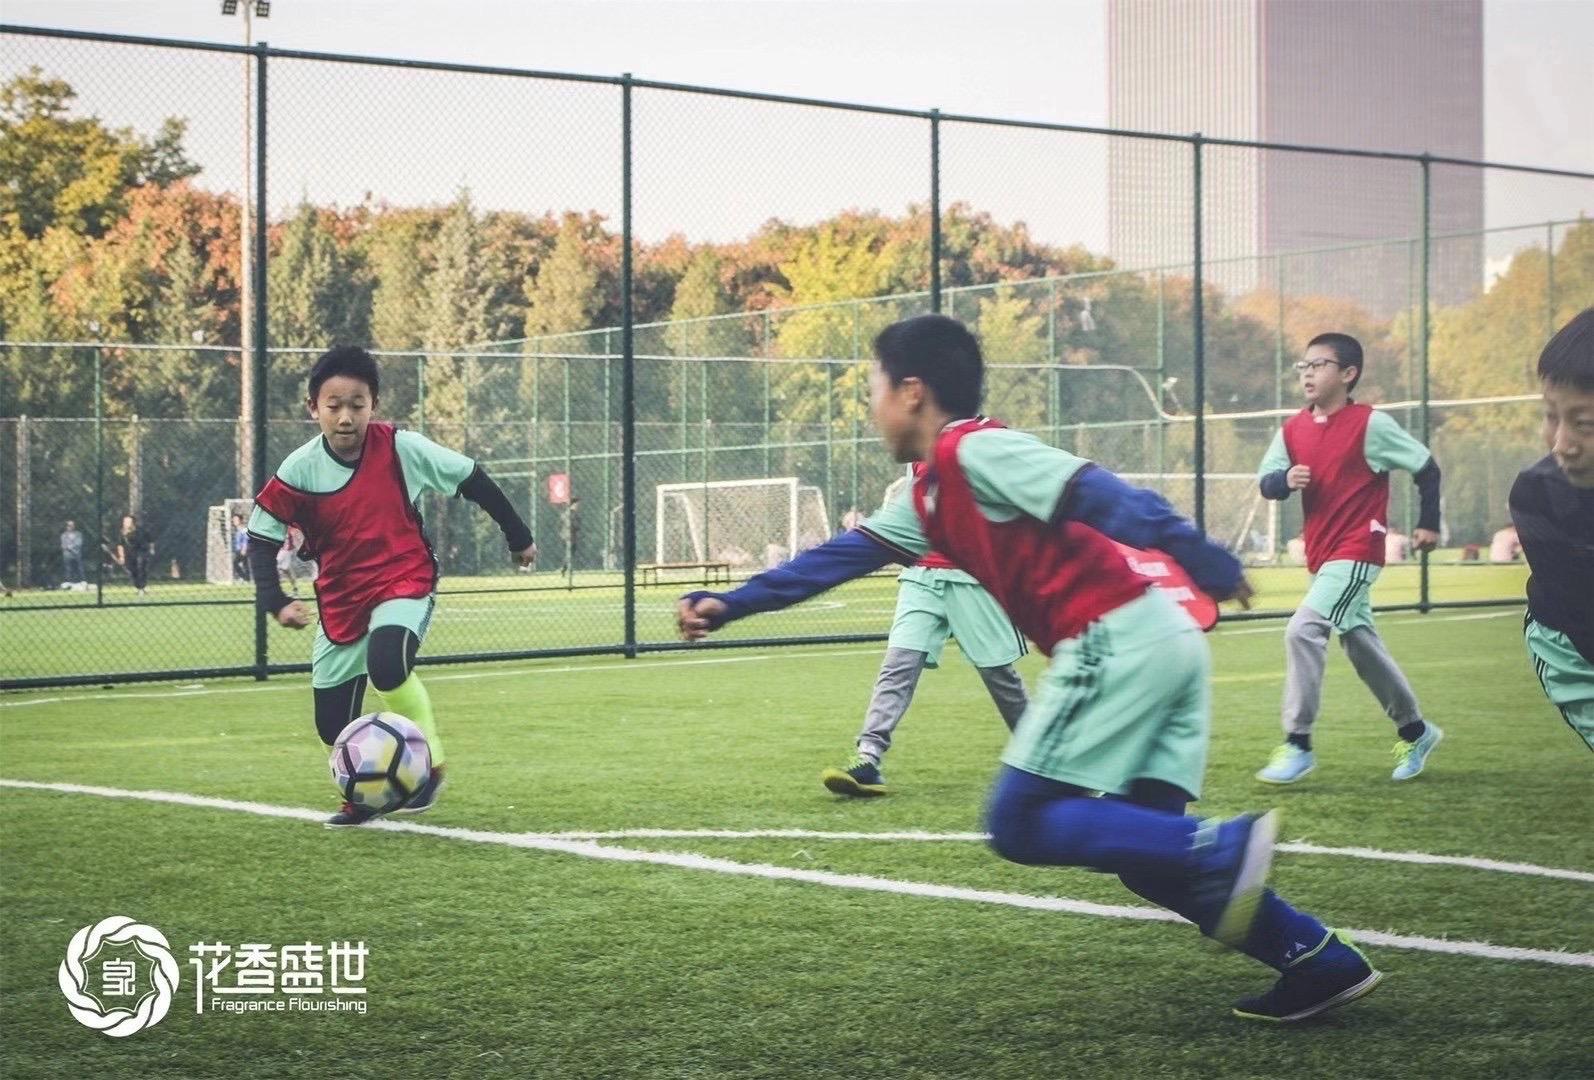 北京花香盛世体育北京花香盛世体育青少儿足球培训凯发k8App图片